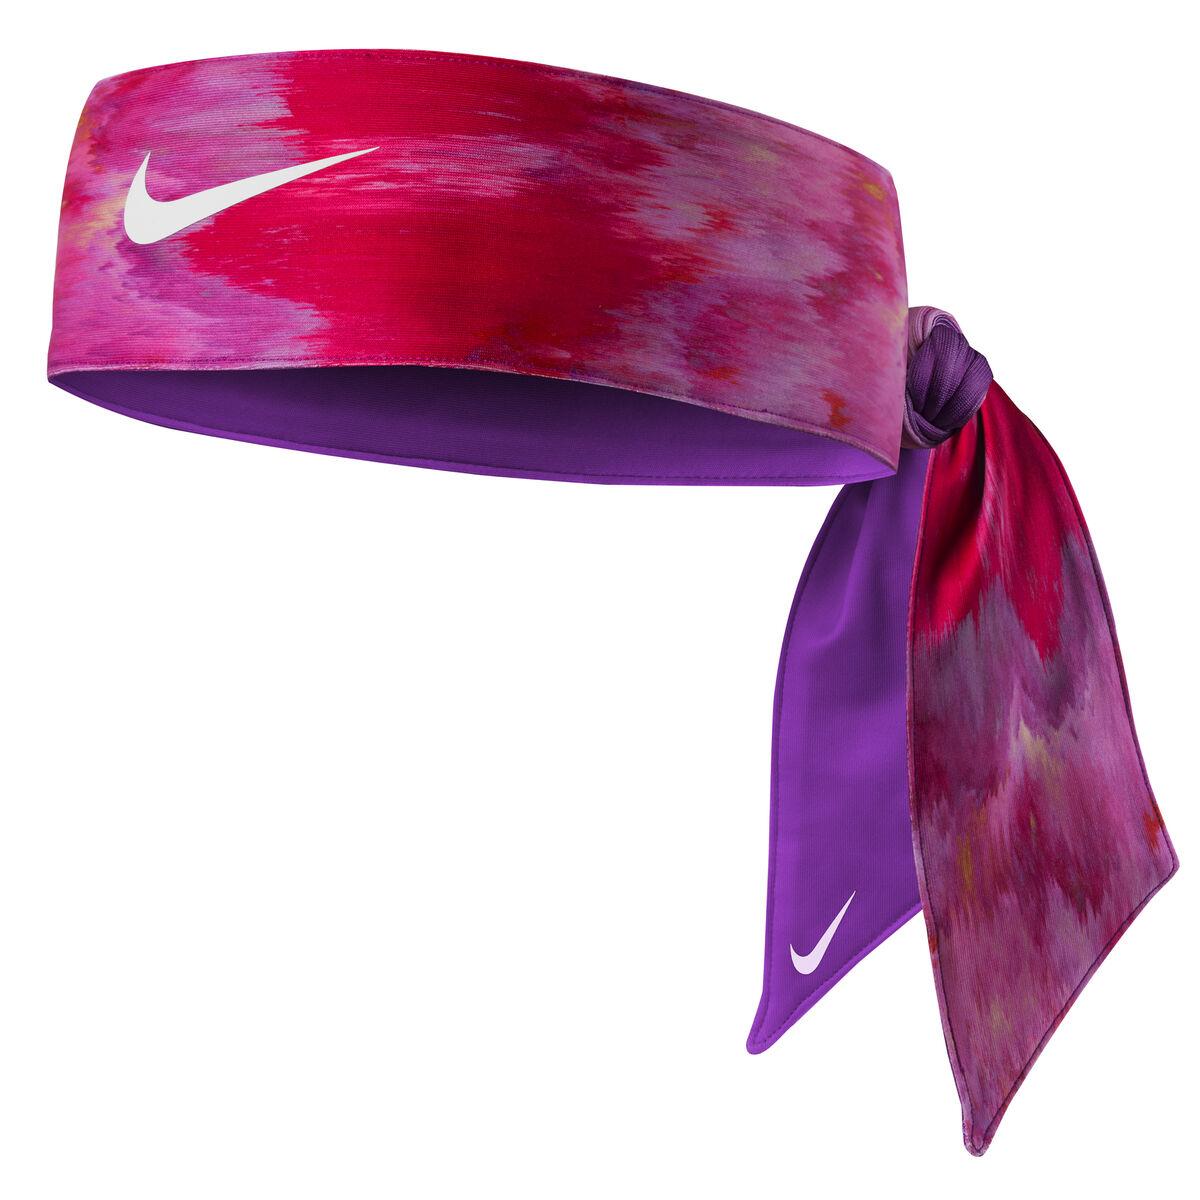 ebee63ad11c2 Images. Nike Printed Dri-FIT Head Tie ...